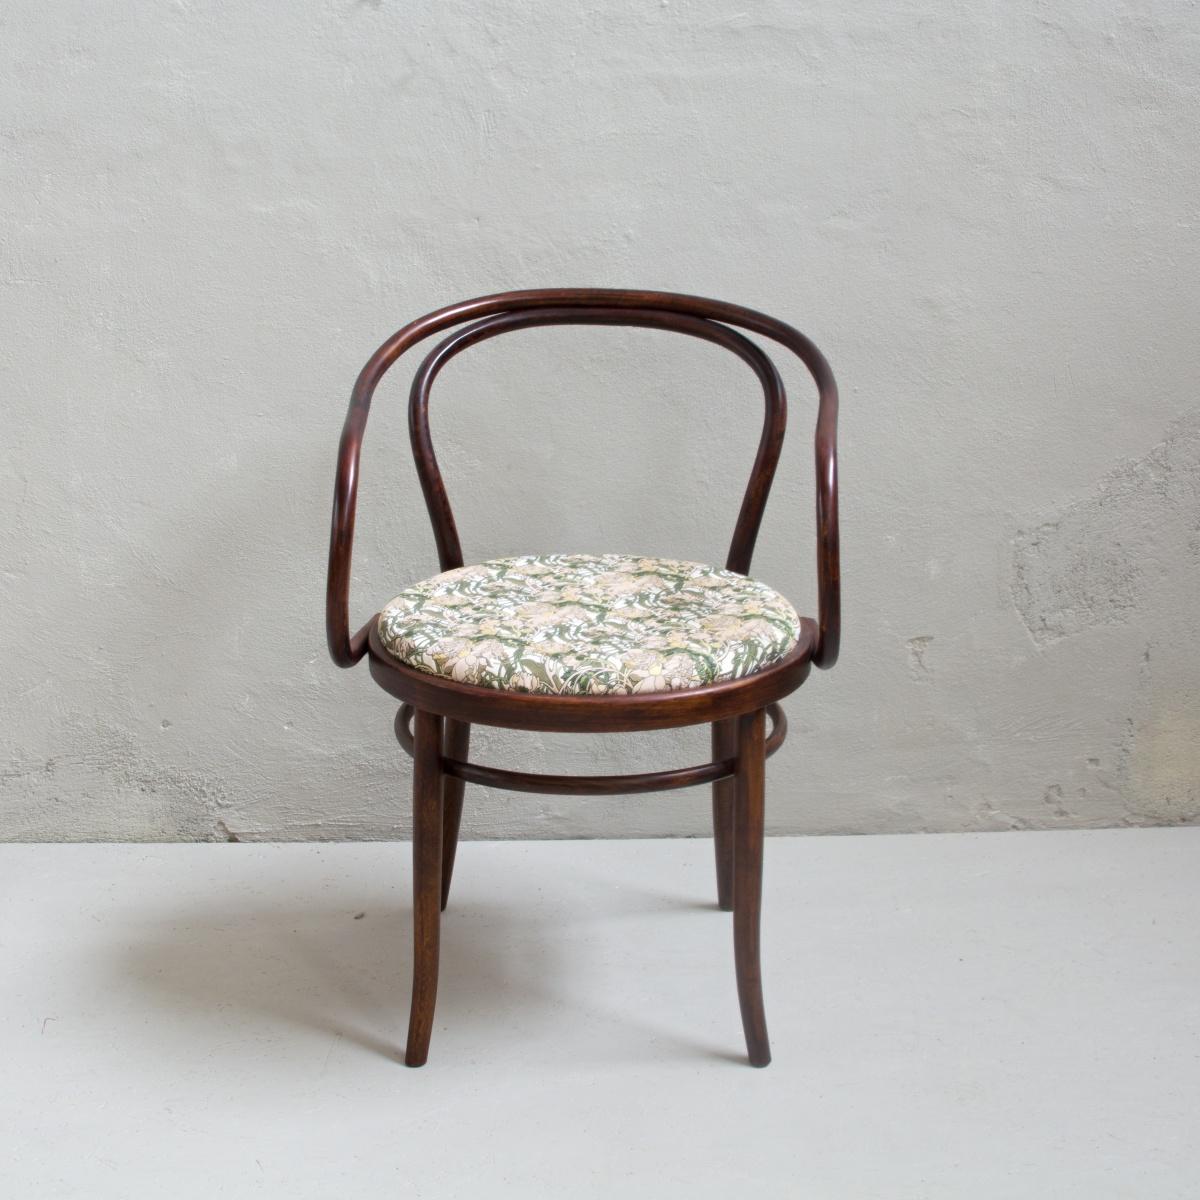 Prodej retro nábytku Praha Ton křeslo